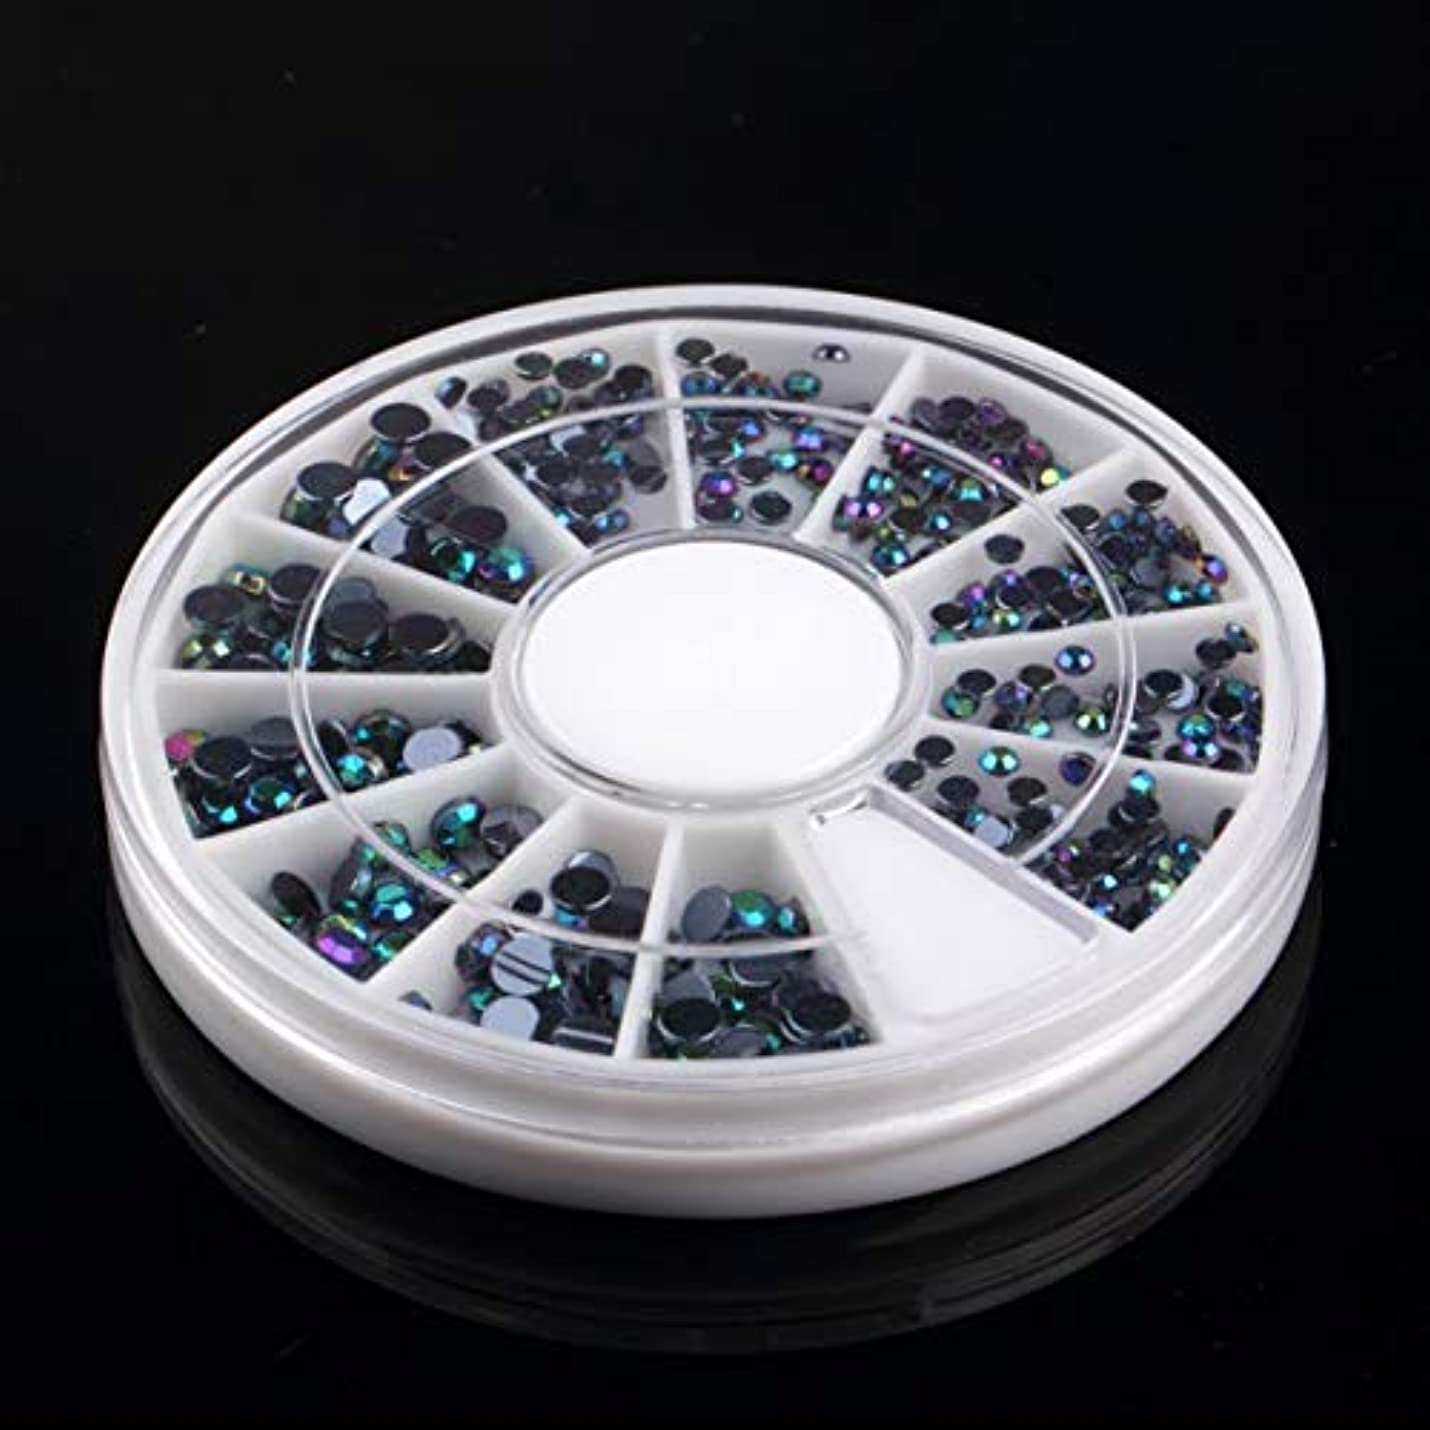 自分のためにいう目的Birdlantern 300ピース3d宝石クリスタルネイルアートステッカーのヒントクリスタルグリッターラインストーンdiyの装飾マニキュア+ホイールターンテーブル